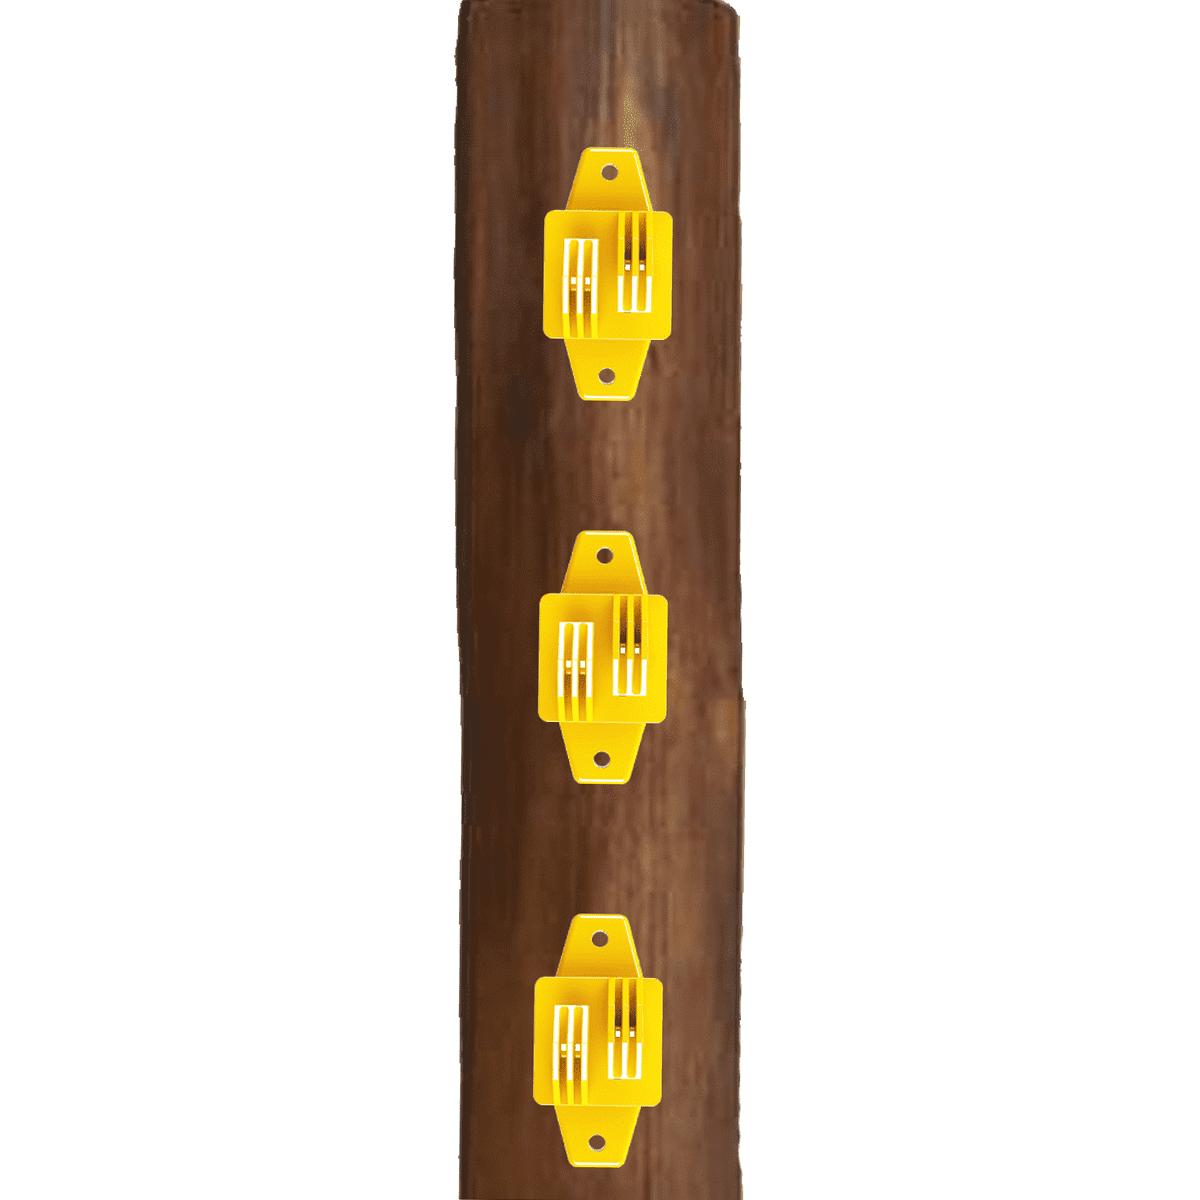 Isolador Tipo W Amarelo Cerca Elétrica Rural Residencial Industrial Pacote 100 Unidades  - Ambientude Agro e Pet